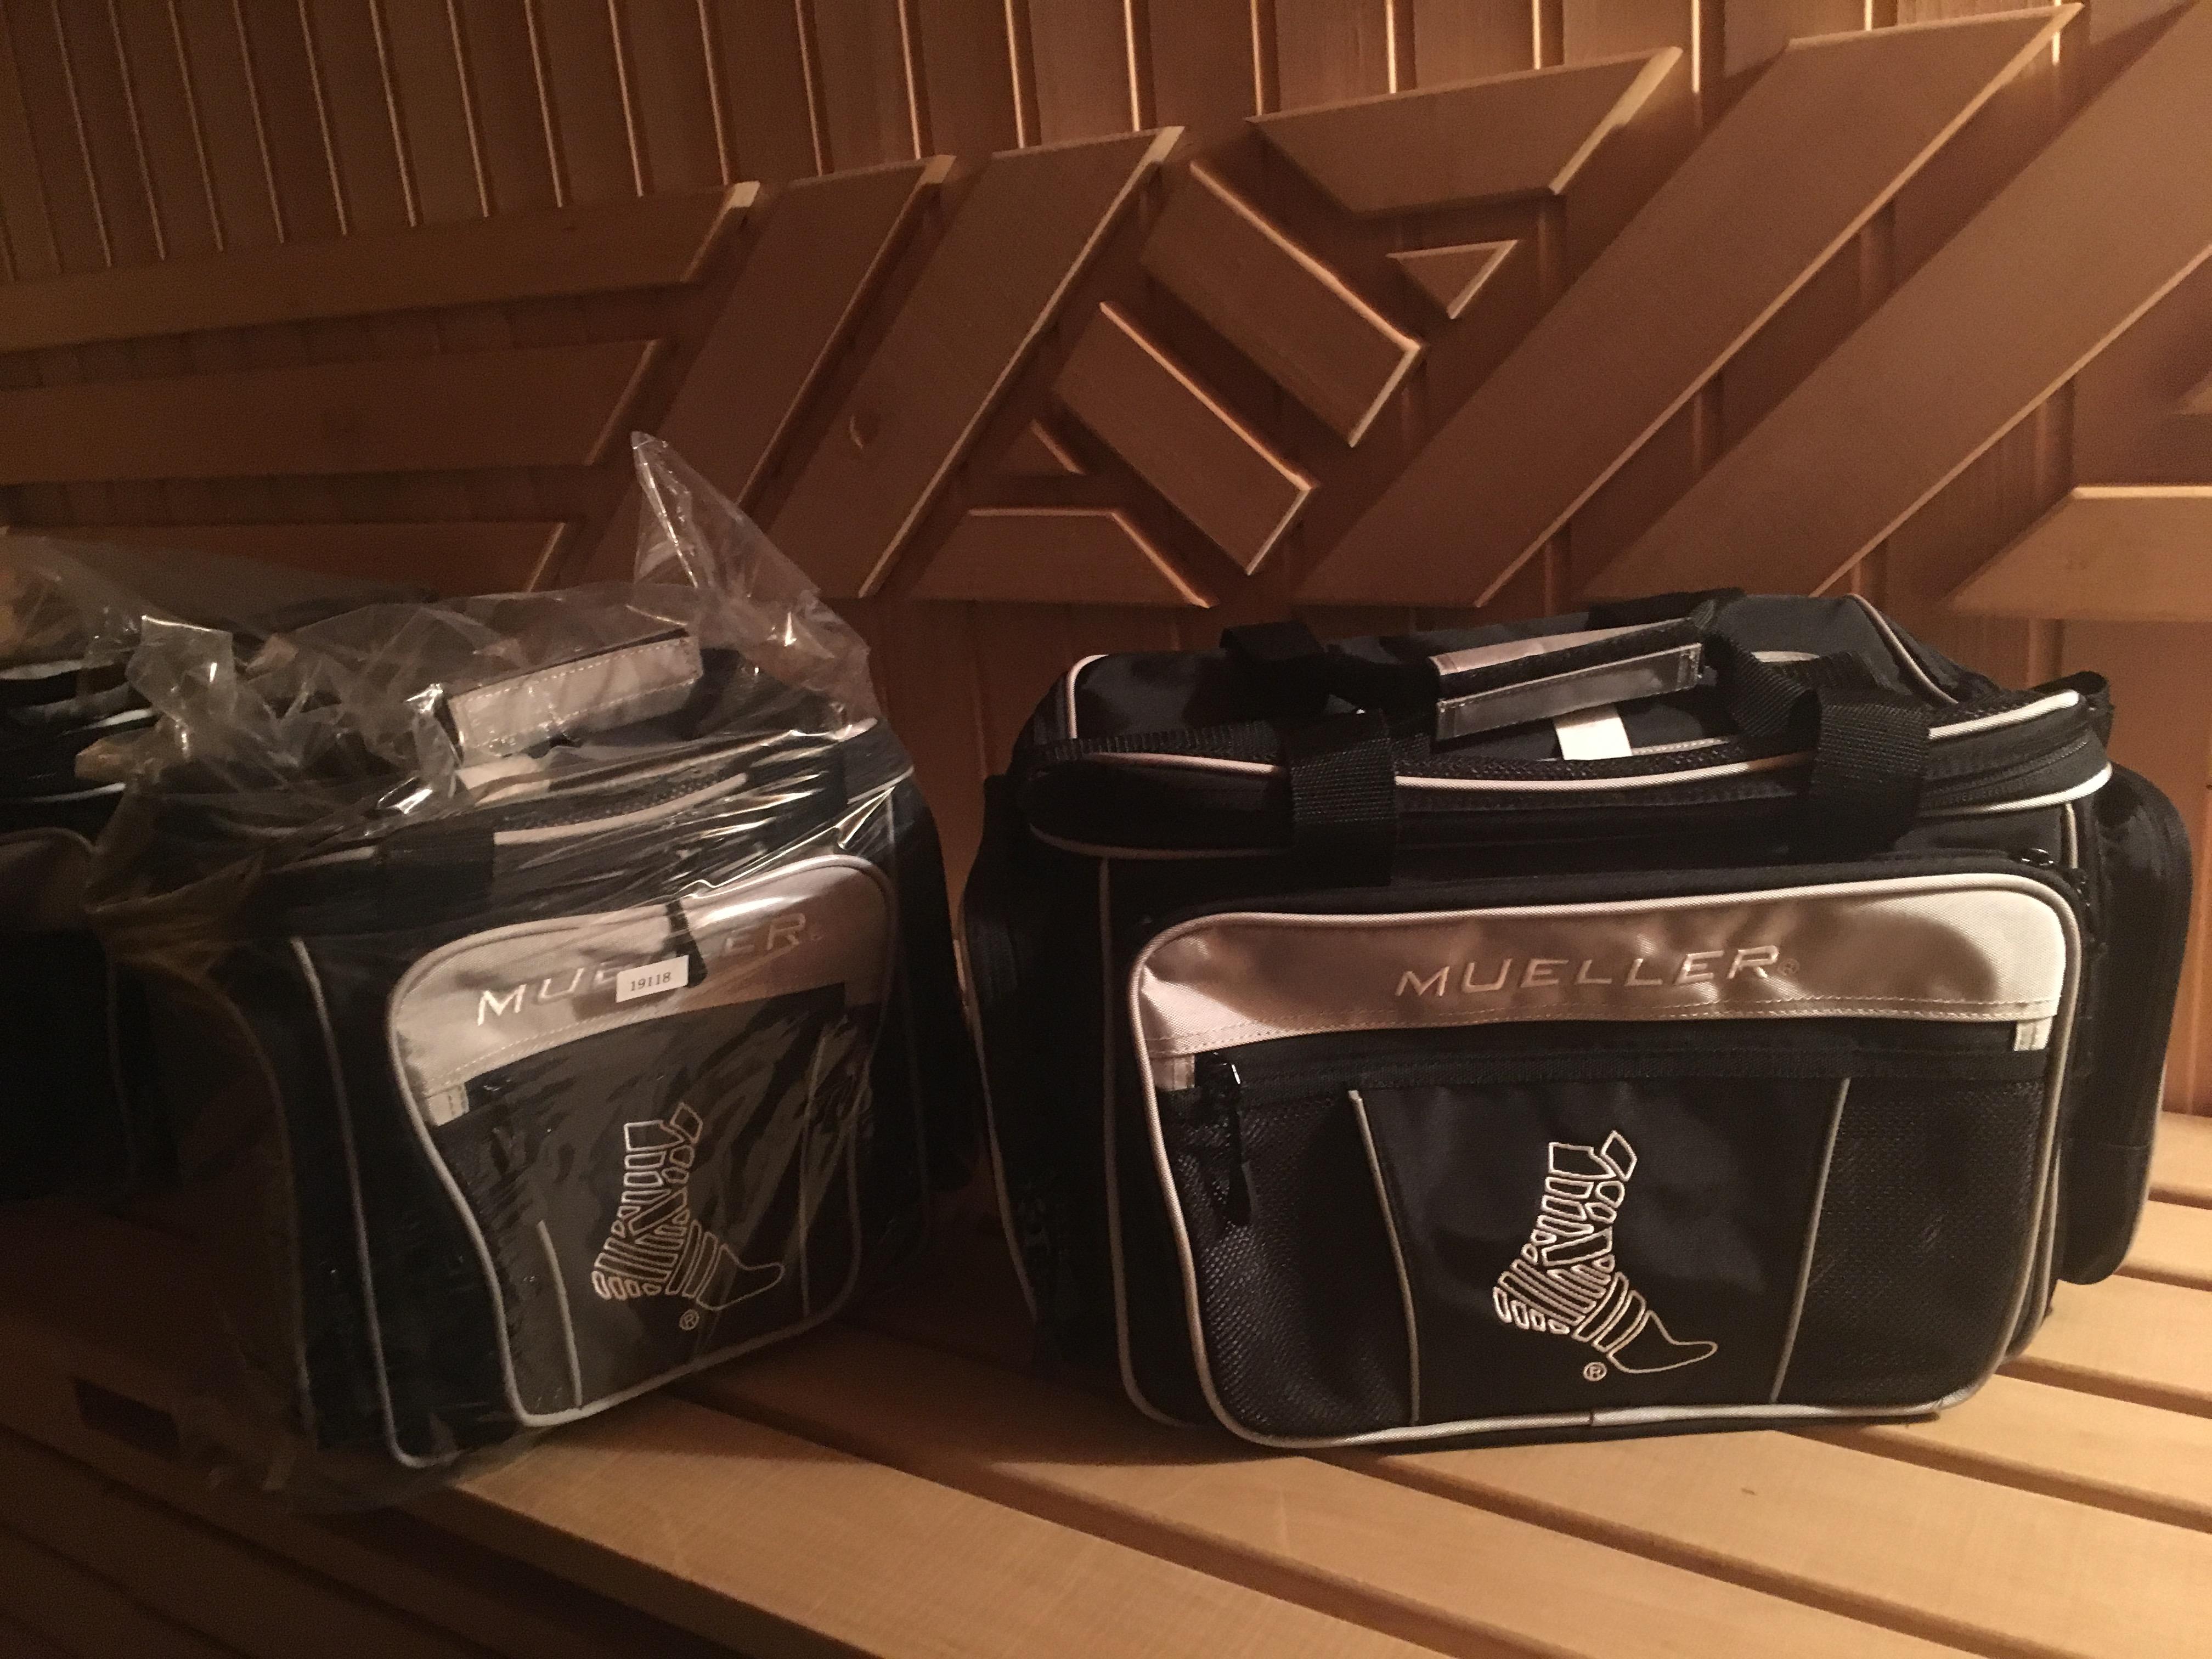 """NEW !!! 19118 MUELLER HERO® Protégé, Прочная, легкая нейлоновая сумка со сменными аксессуарами, премиум ручки, светоотражающие вставки,  25,5х25,5х25,5 см (включая: M2 Clear Poket 10x10"""" )"""